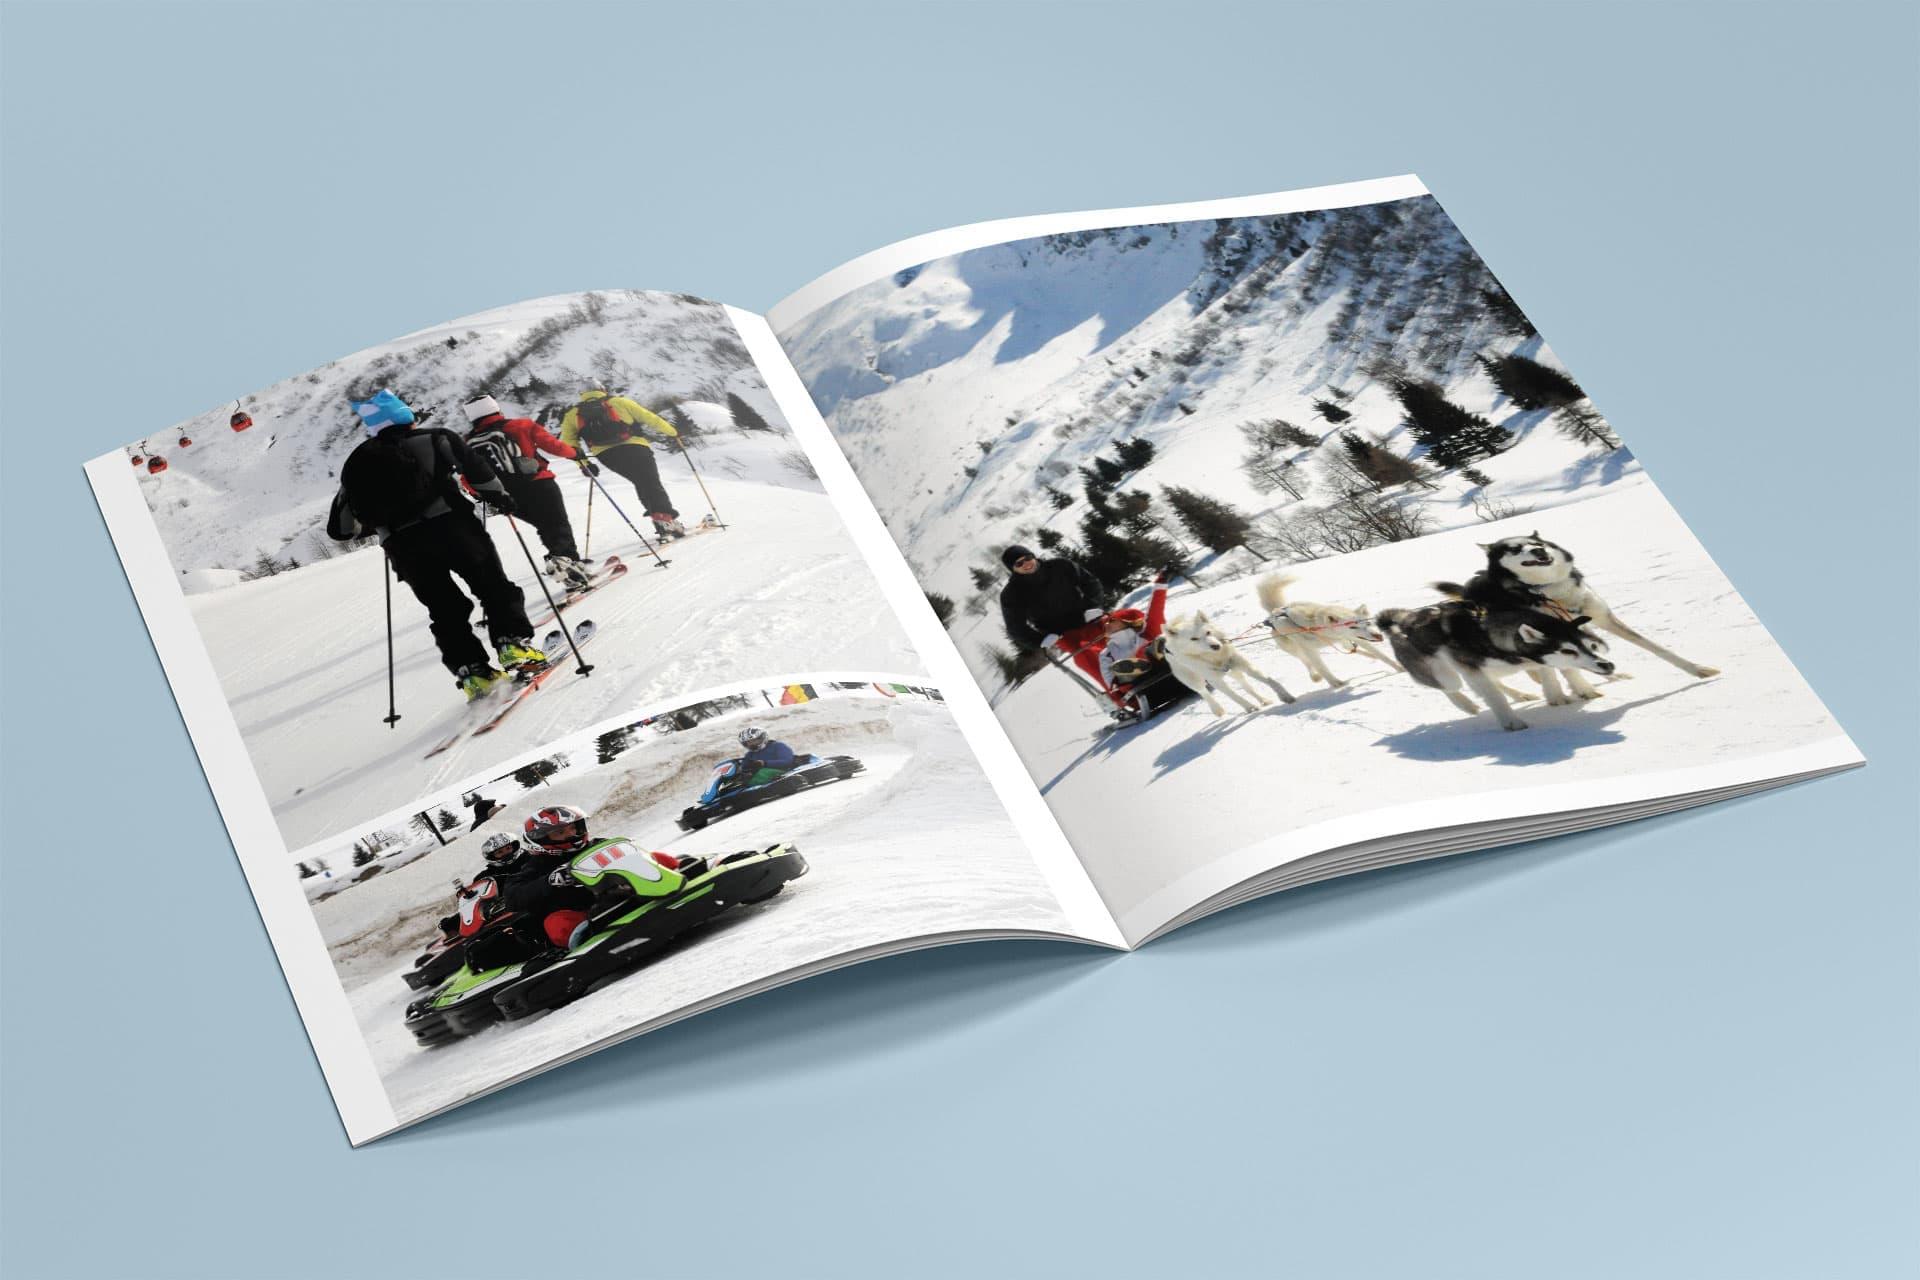 Adamello Ski - Promozione e valorizzazione di un territorio unico